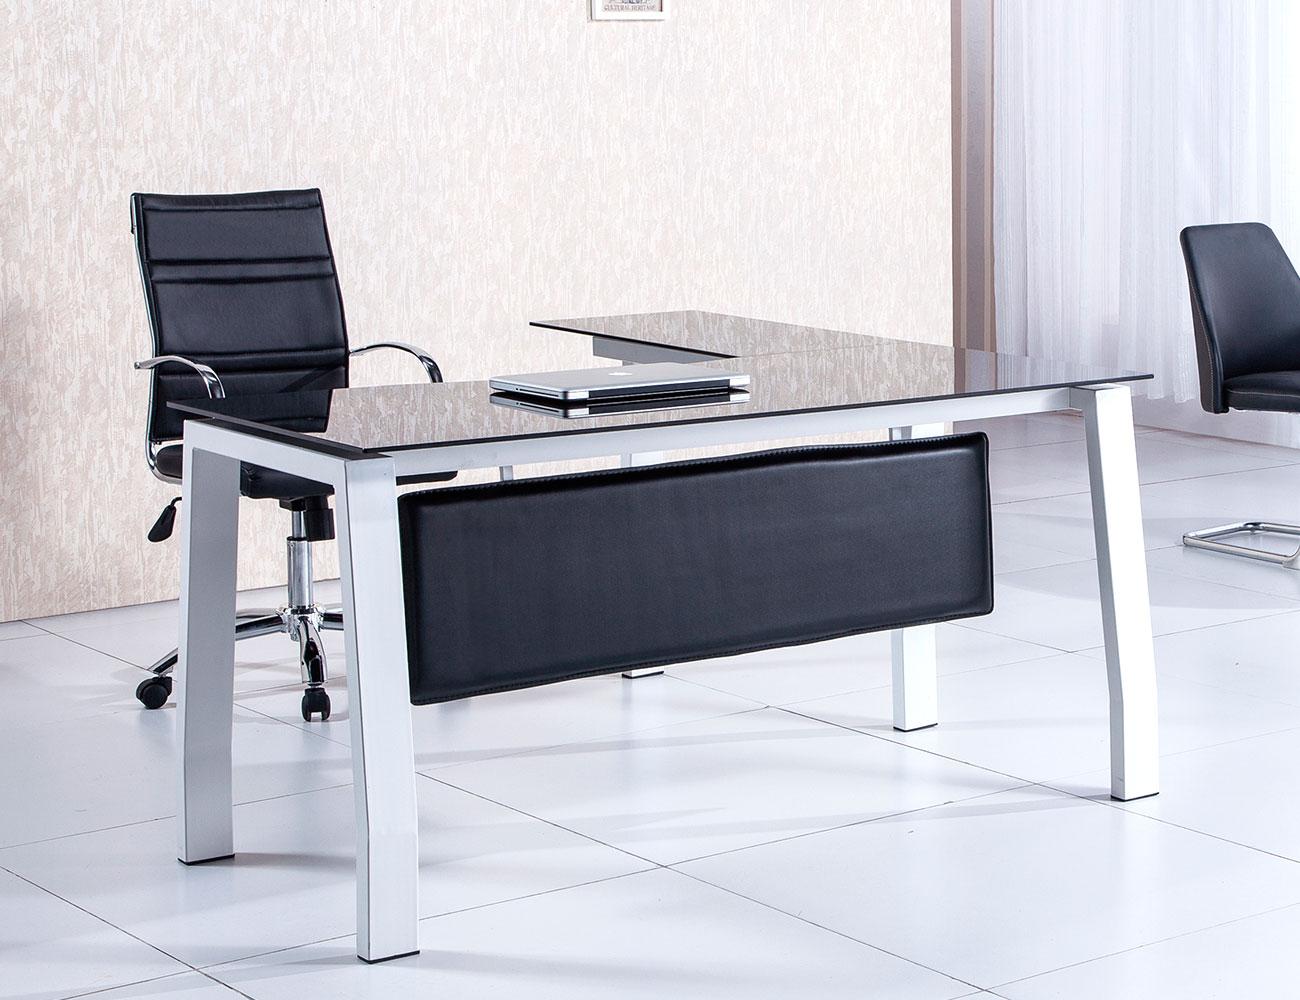 muebles necesarios para una oficina obtenga ideas dise o